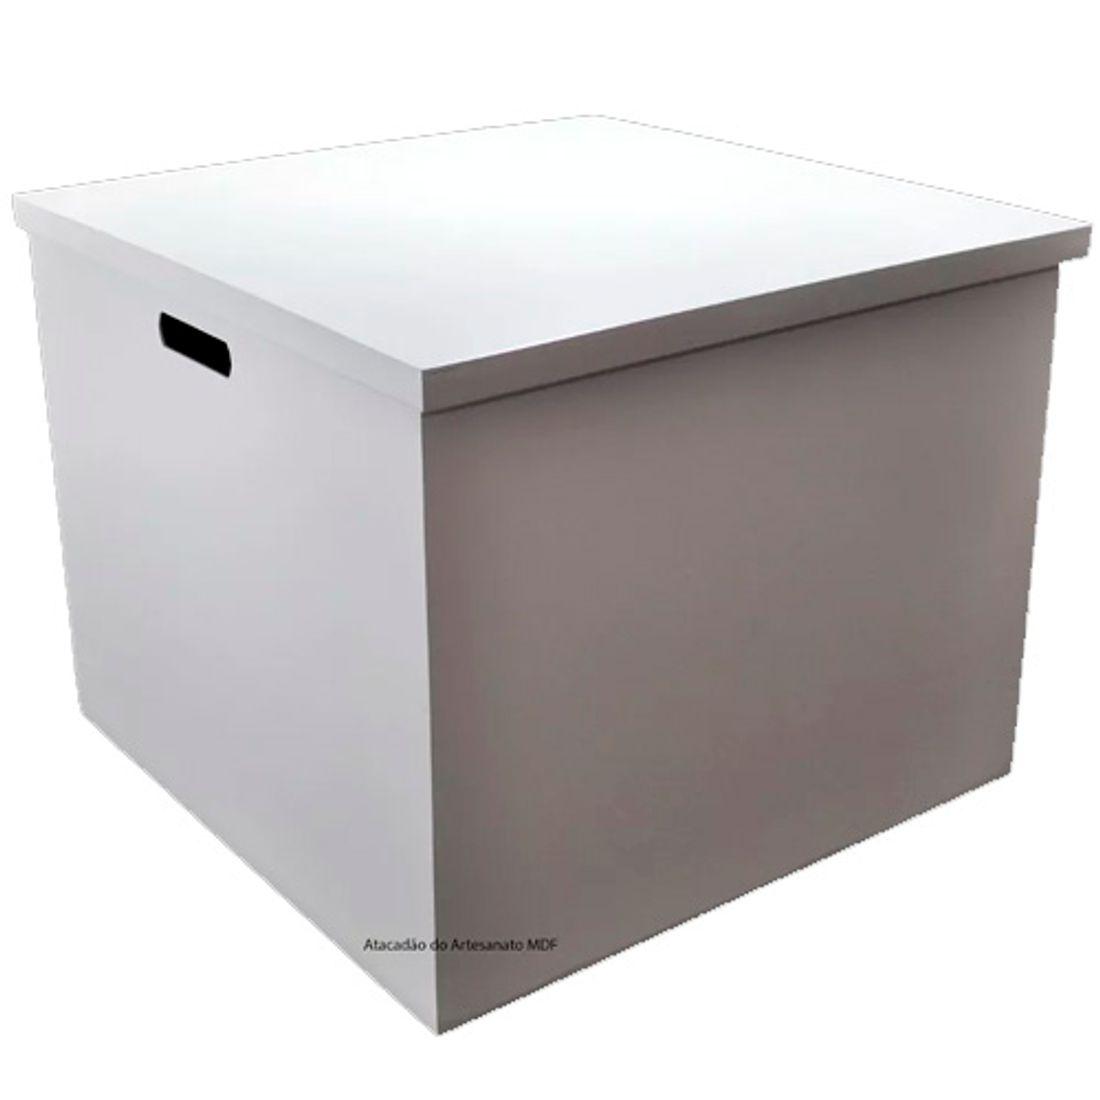 Caixa-Quadrada-Presente-C--Alca-Pintado-50x50x40-Mdf-Madeira